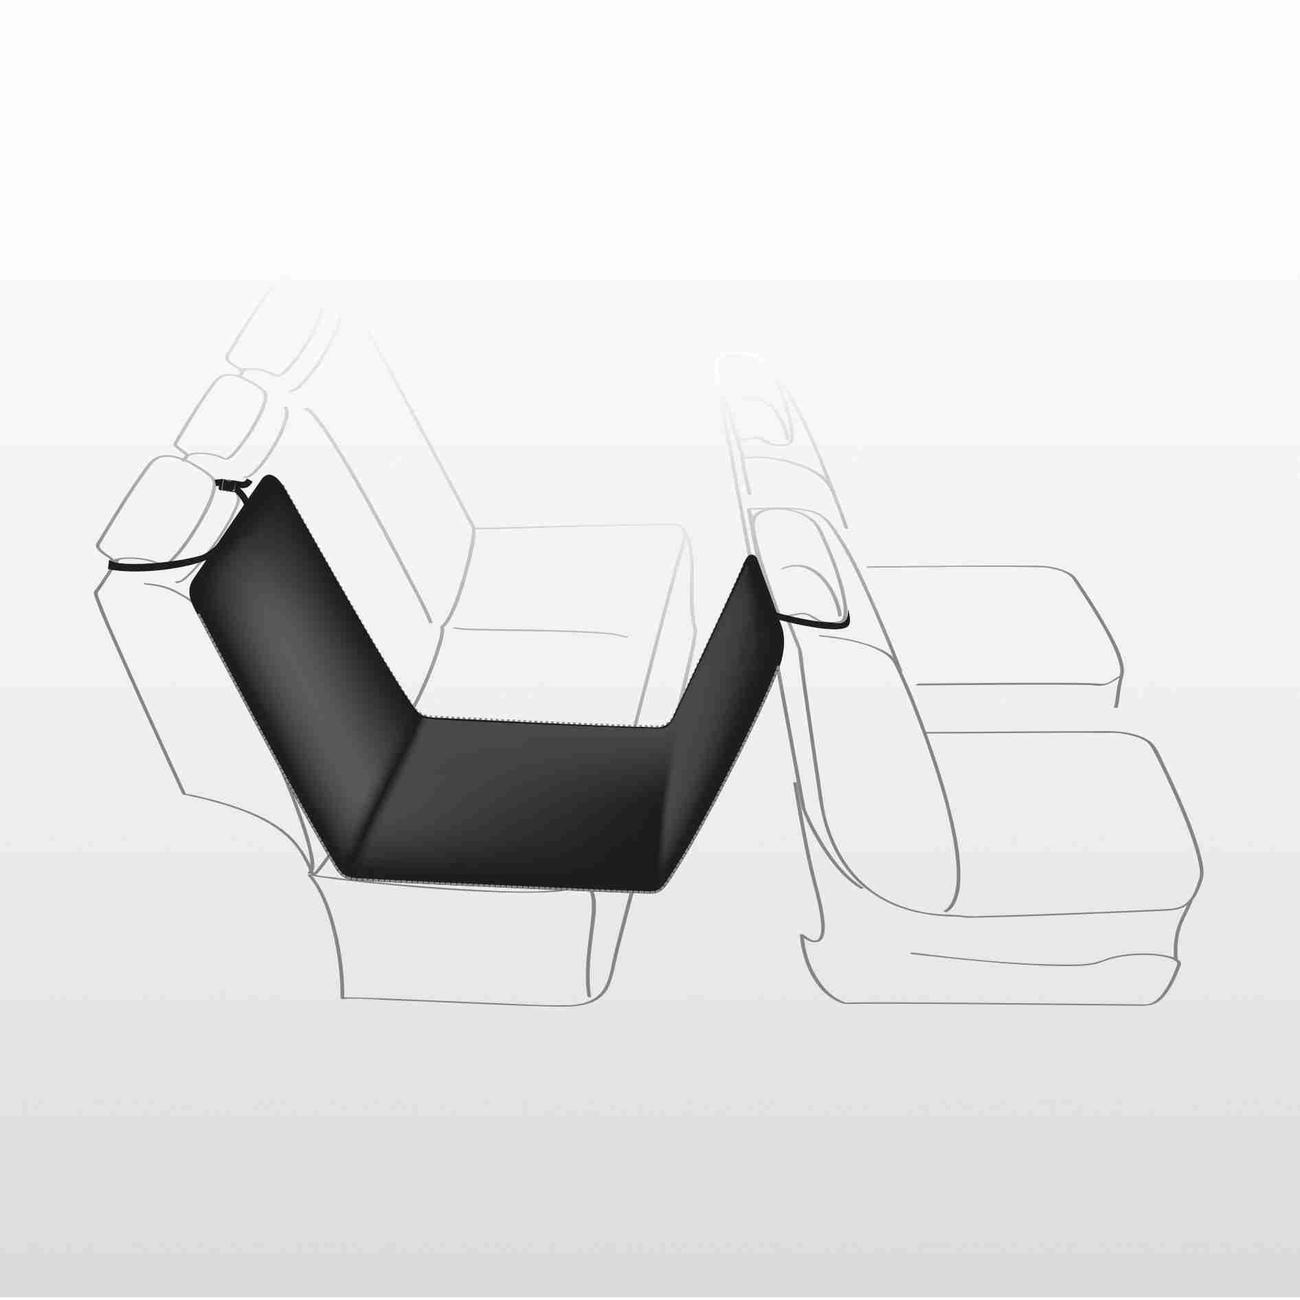 TRIXIE Auto-Schondecke für die Rückbank 1-Sitz 13231, Bild 3